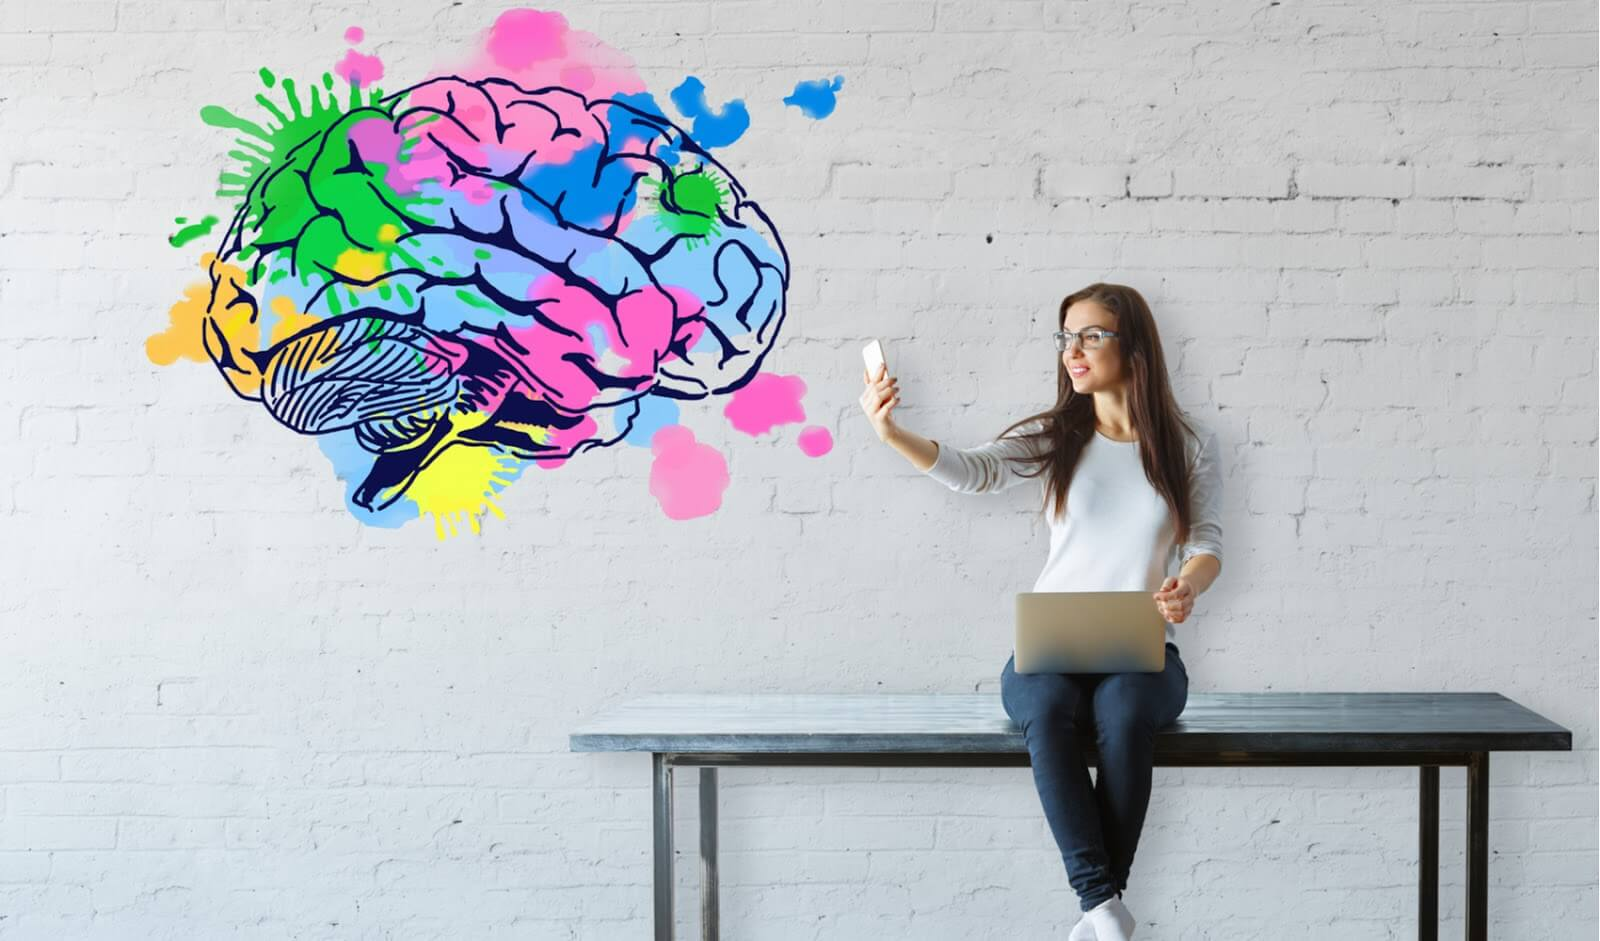 記憶力アップの方法 トレーニング 記憶術